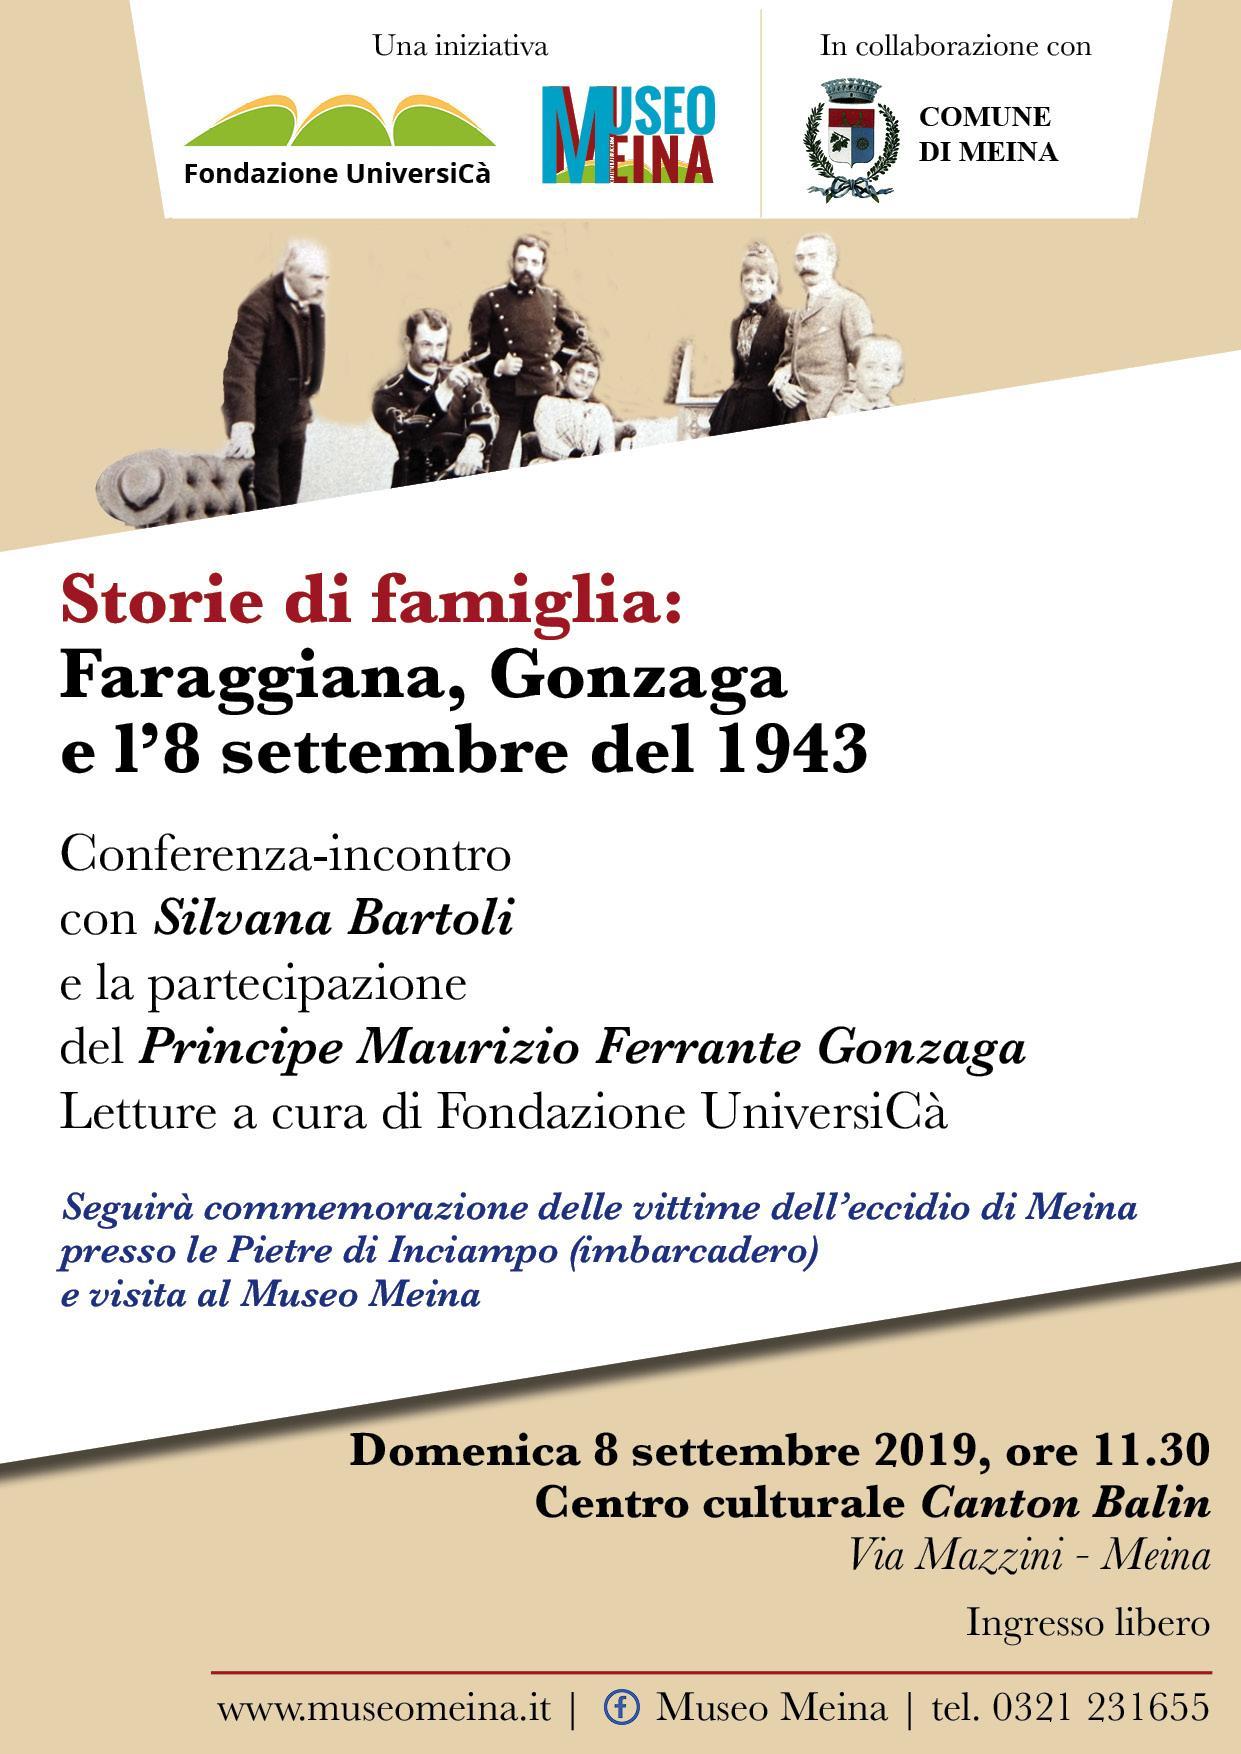 Storie di Famiglia: Faraggiana, Gonzaga e l'8 settembre 1943